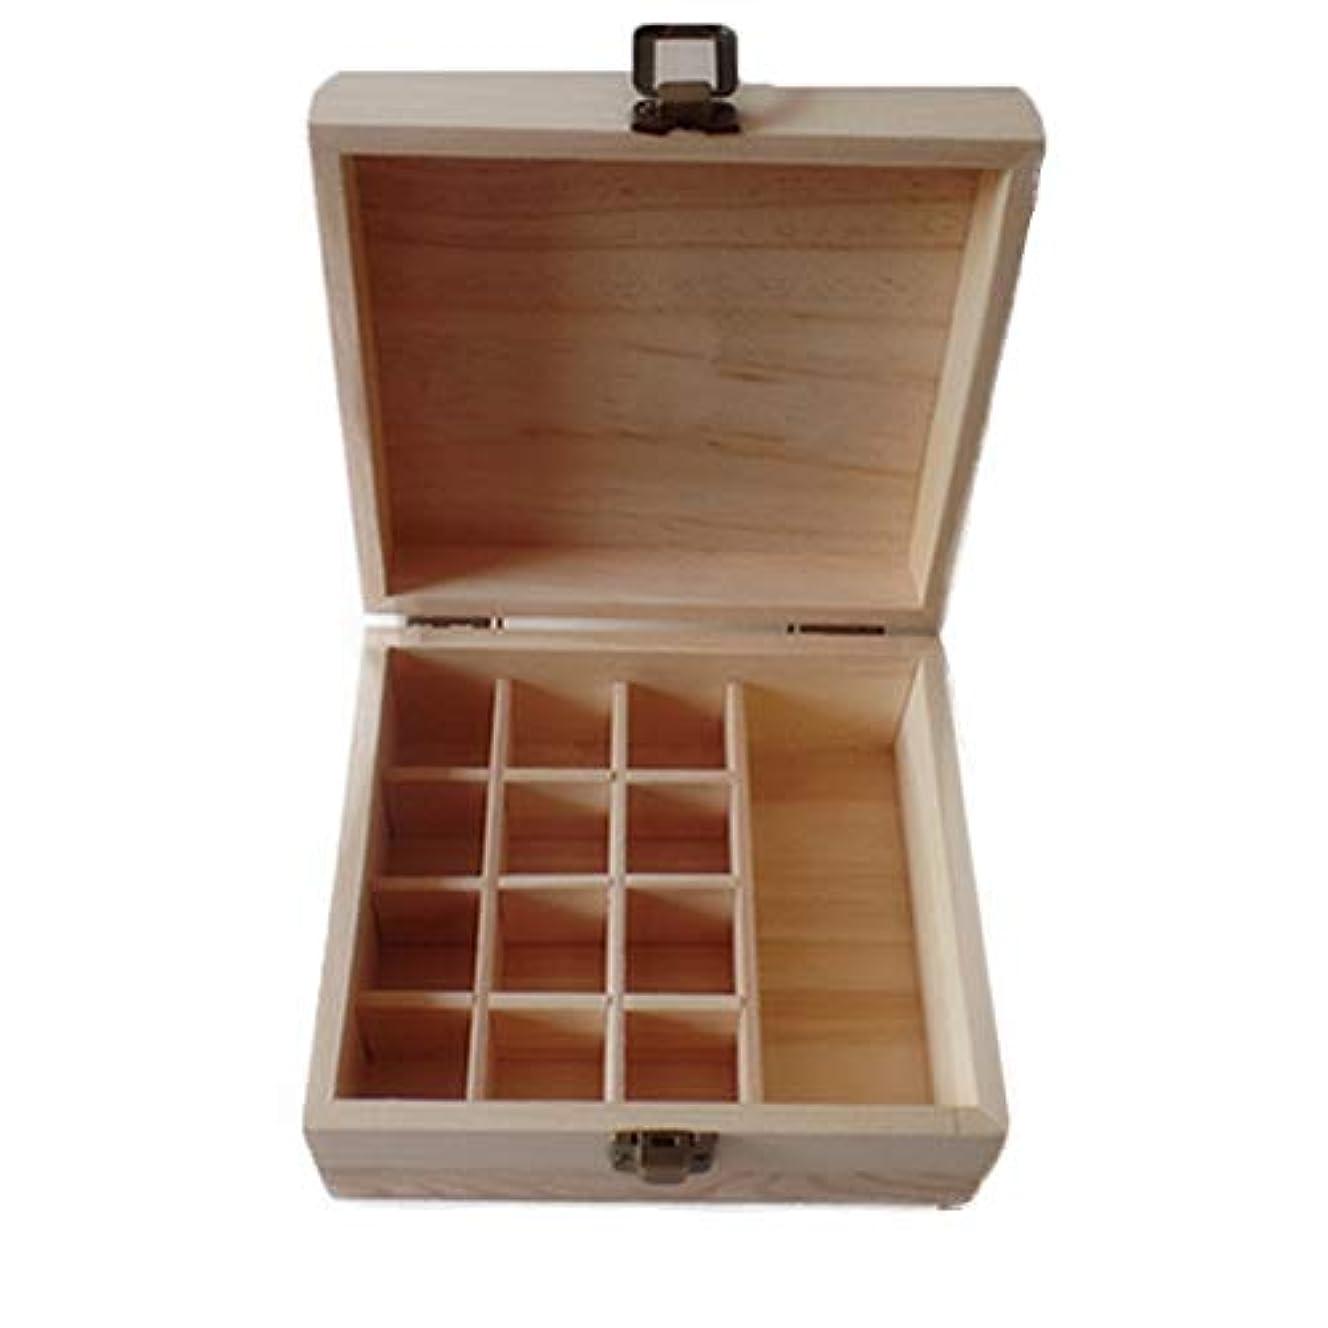 通知断言する父方のエッセンシャルオイルの保管 ディスプレイのプレゼンテーションのために完璧な13スロットエッセンシャルオイルストレージ木箱エッセンシャルオイル木製ケース (色 : Natural, サイズ : 15X16.9X8CM)